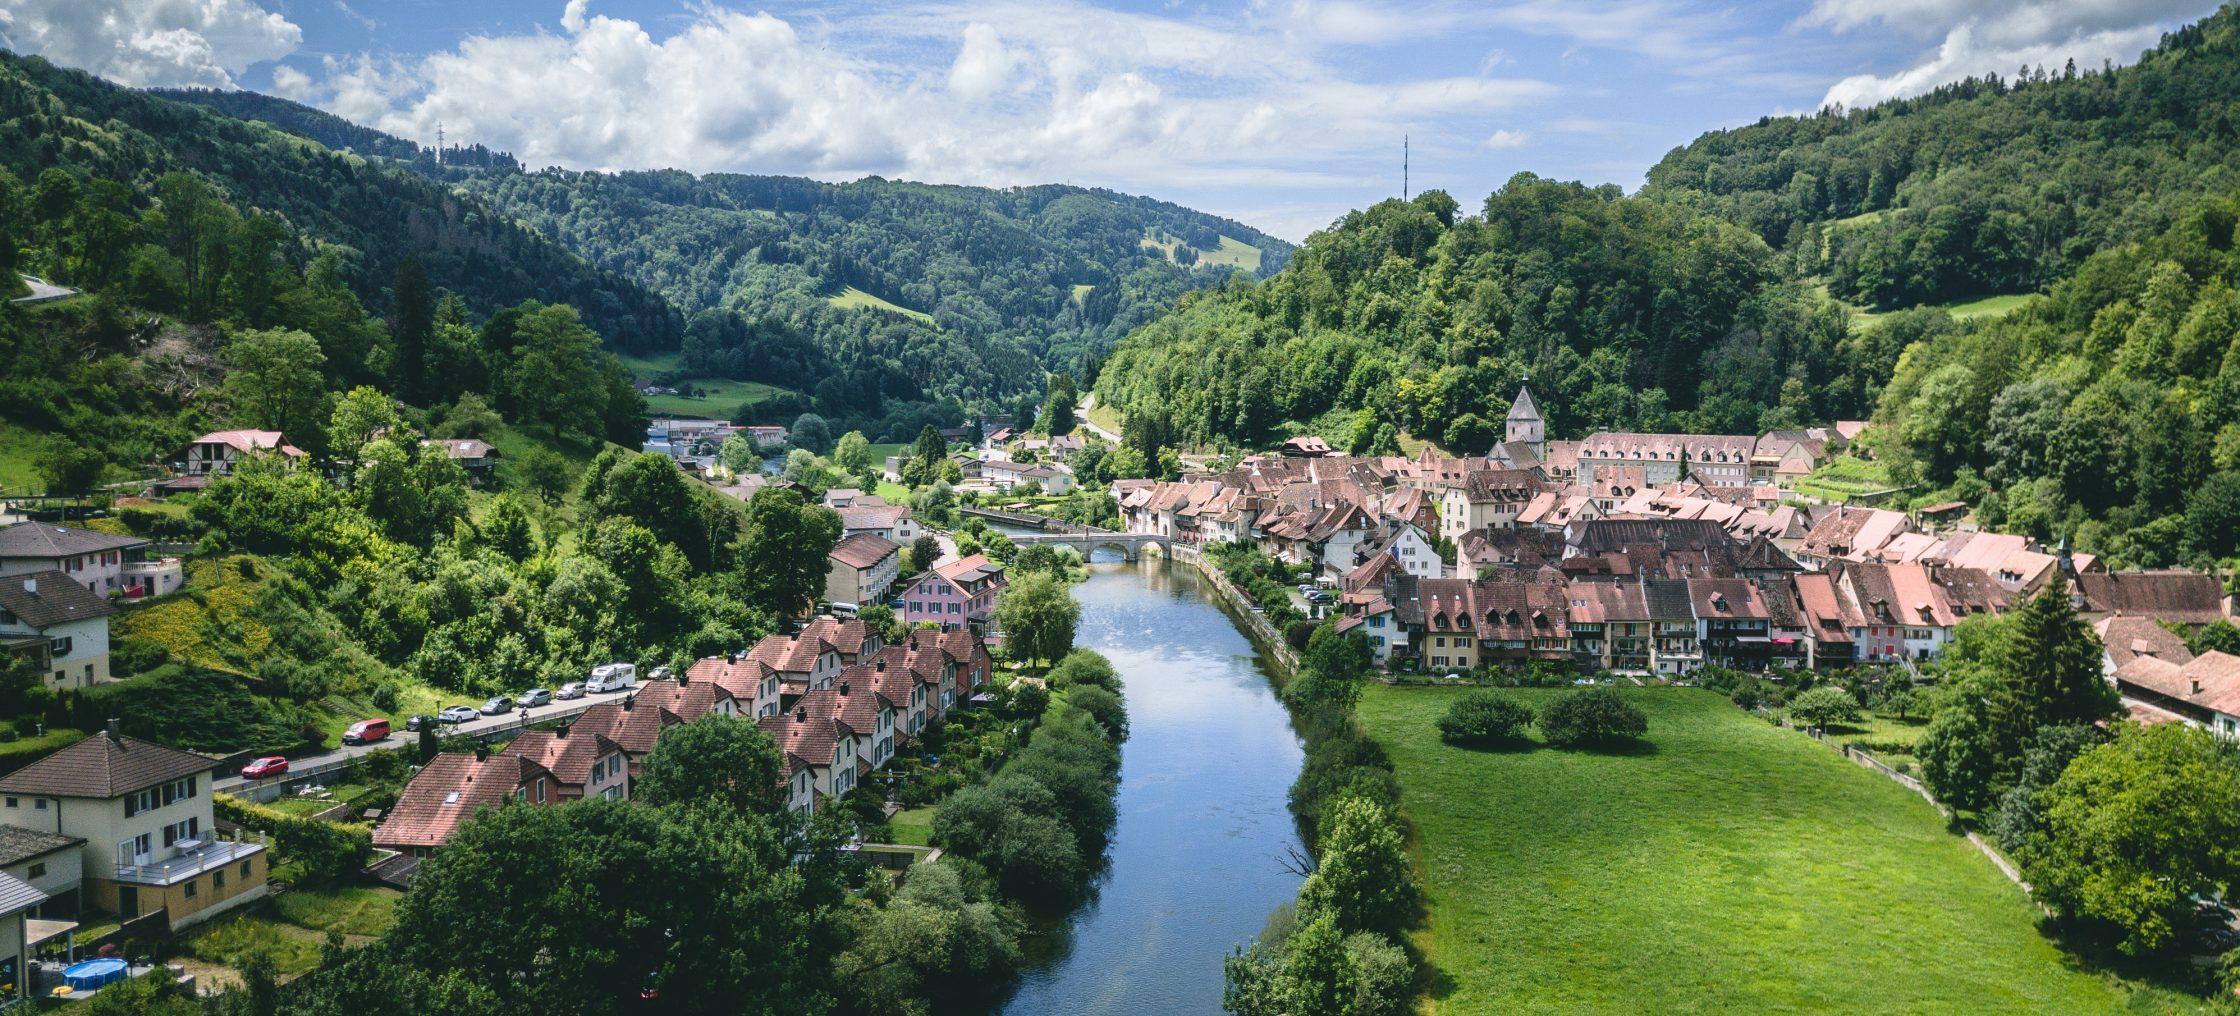 Saint Ursanne und umliegende grüne Landschaft